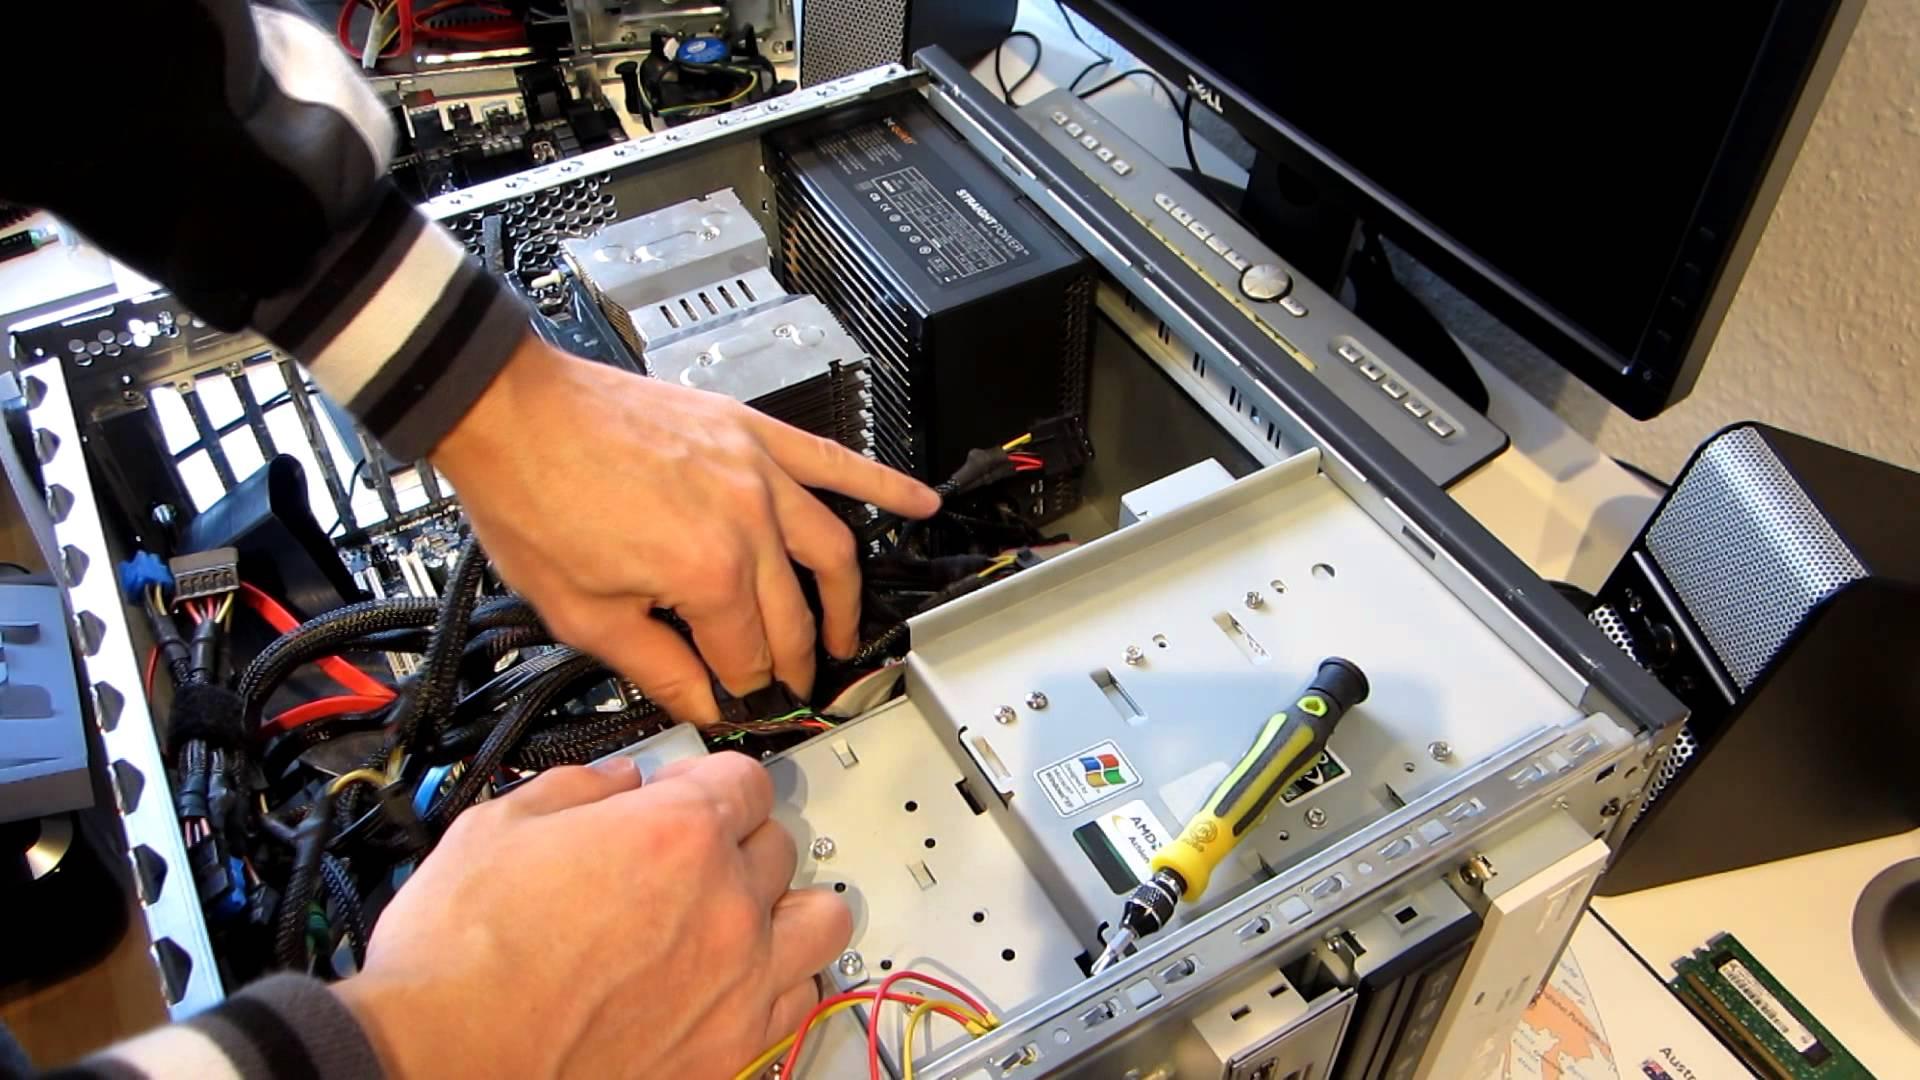 IT-специалист чистит системный блок